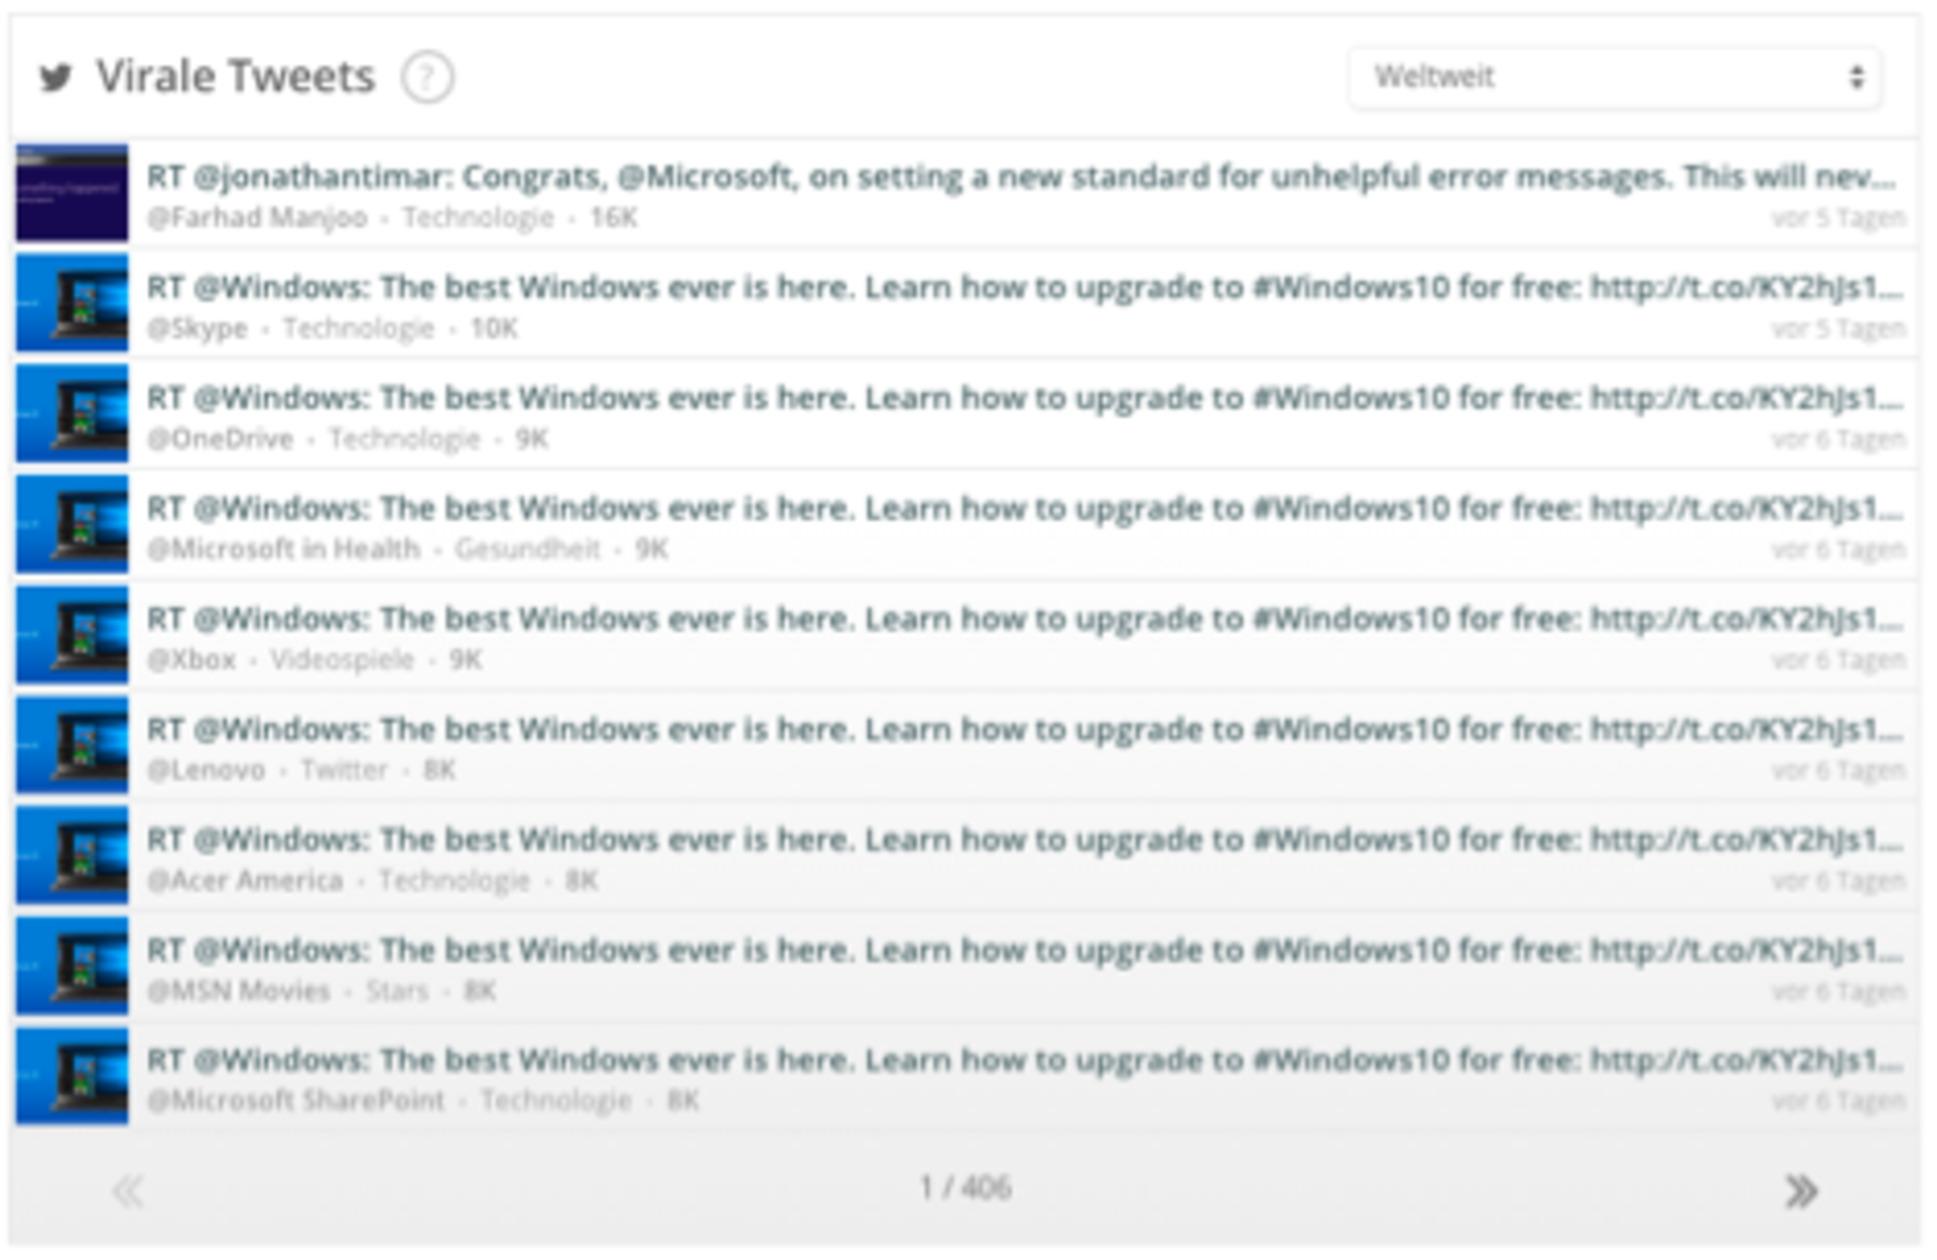 Windows_virale tweets_1